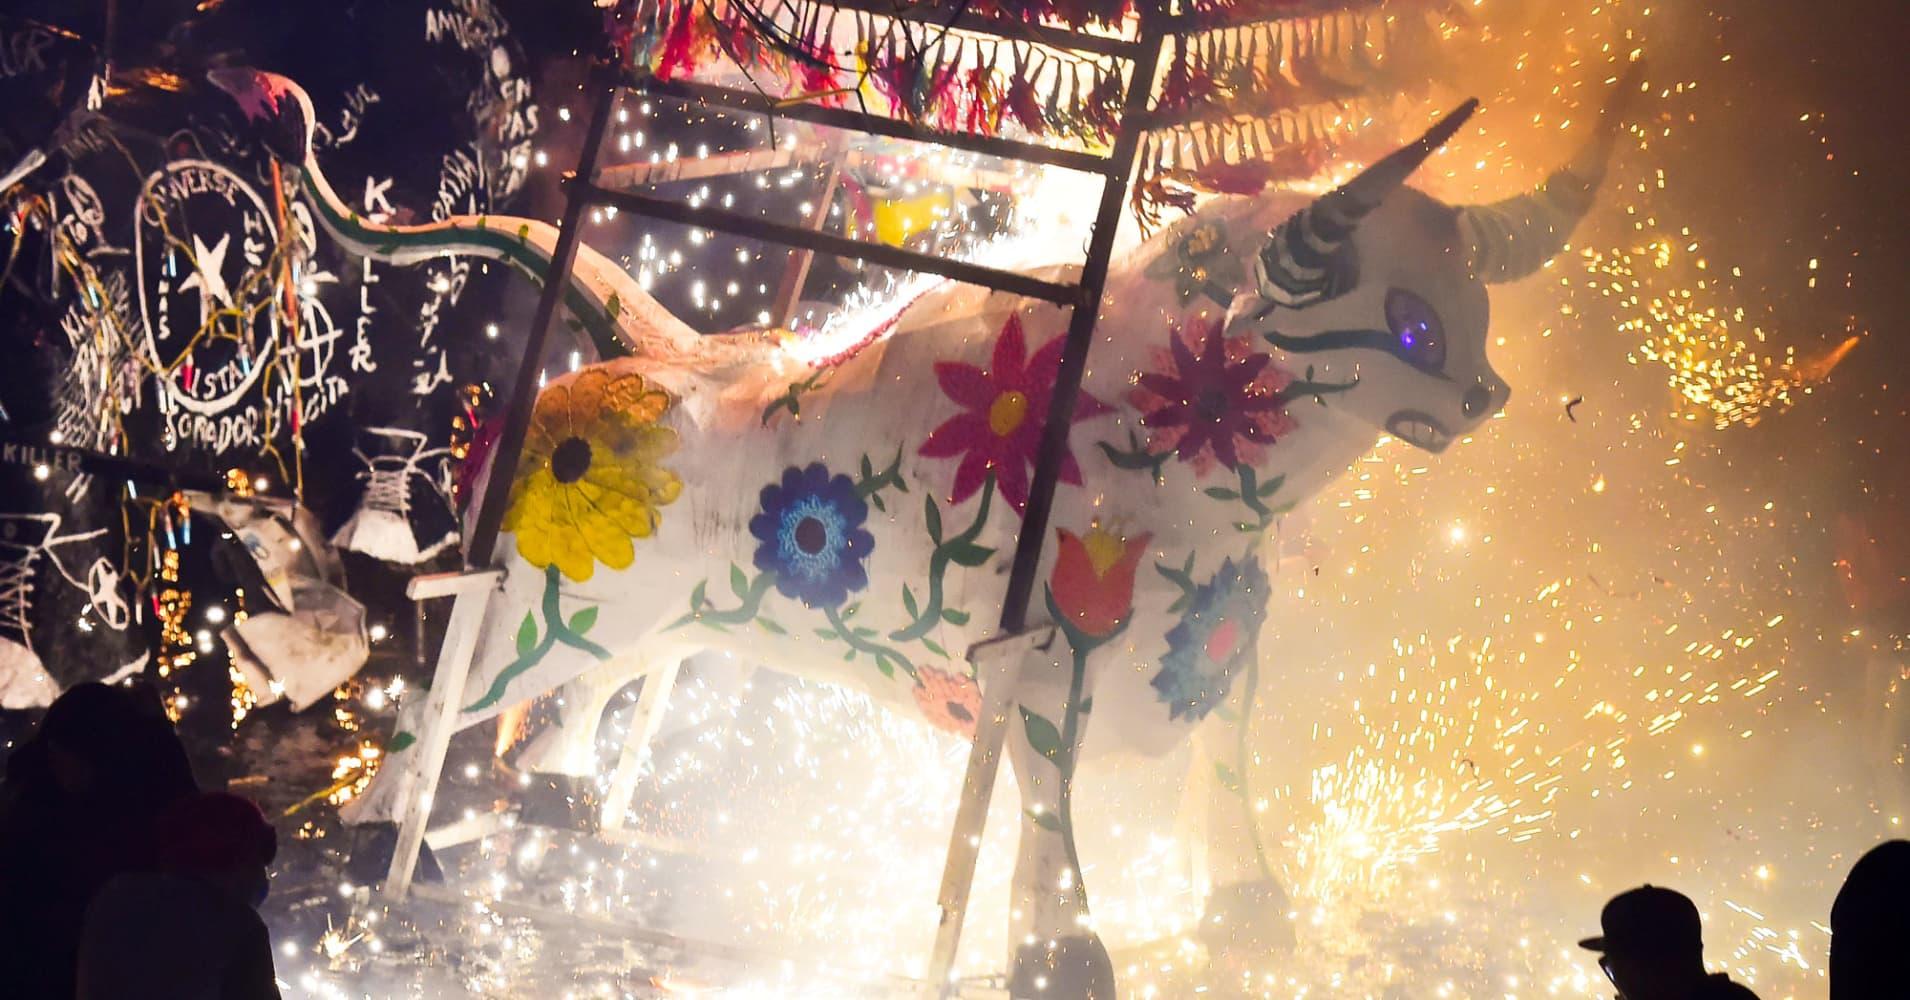 Celebration of San Juan de Dios festivity in Tultepec, near Mexico City, Mexico.